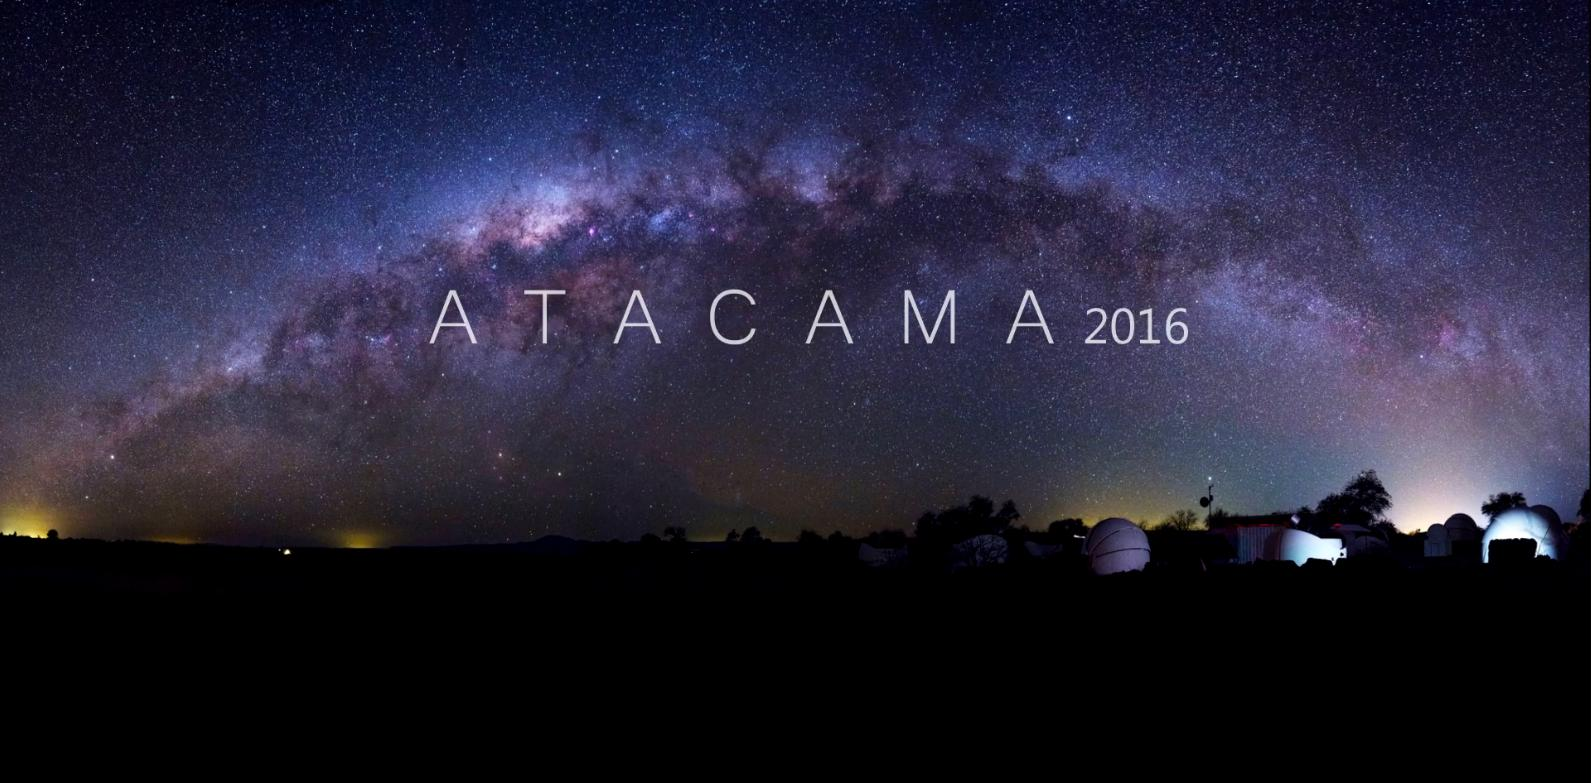 대상수상작인 김호섭 씨의  'Atacama 2016' 동영상 첫 화면